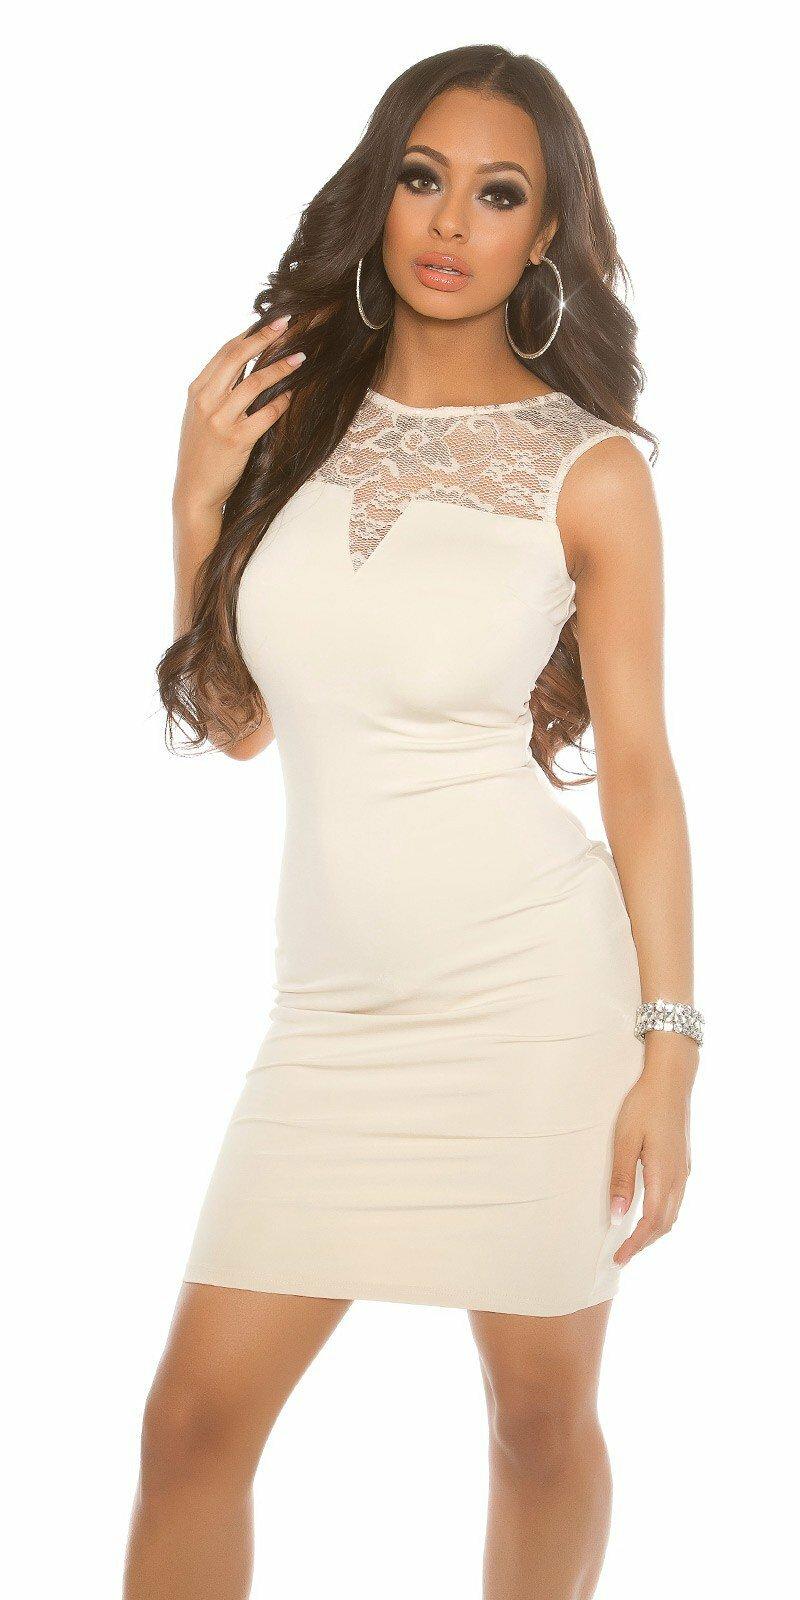 Dámske puzdrové šaty bez rukávov  Veľkosť Univerzálna (XS S M) Farba 1a805236181